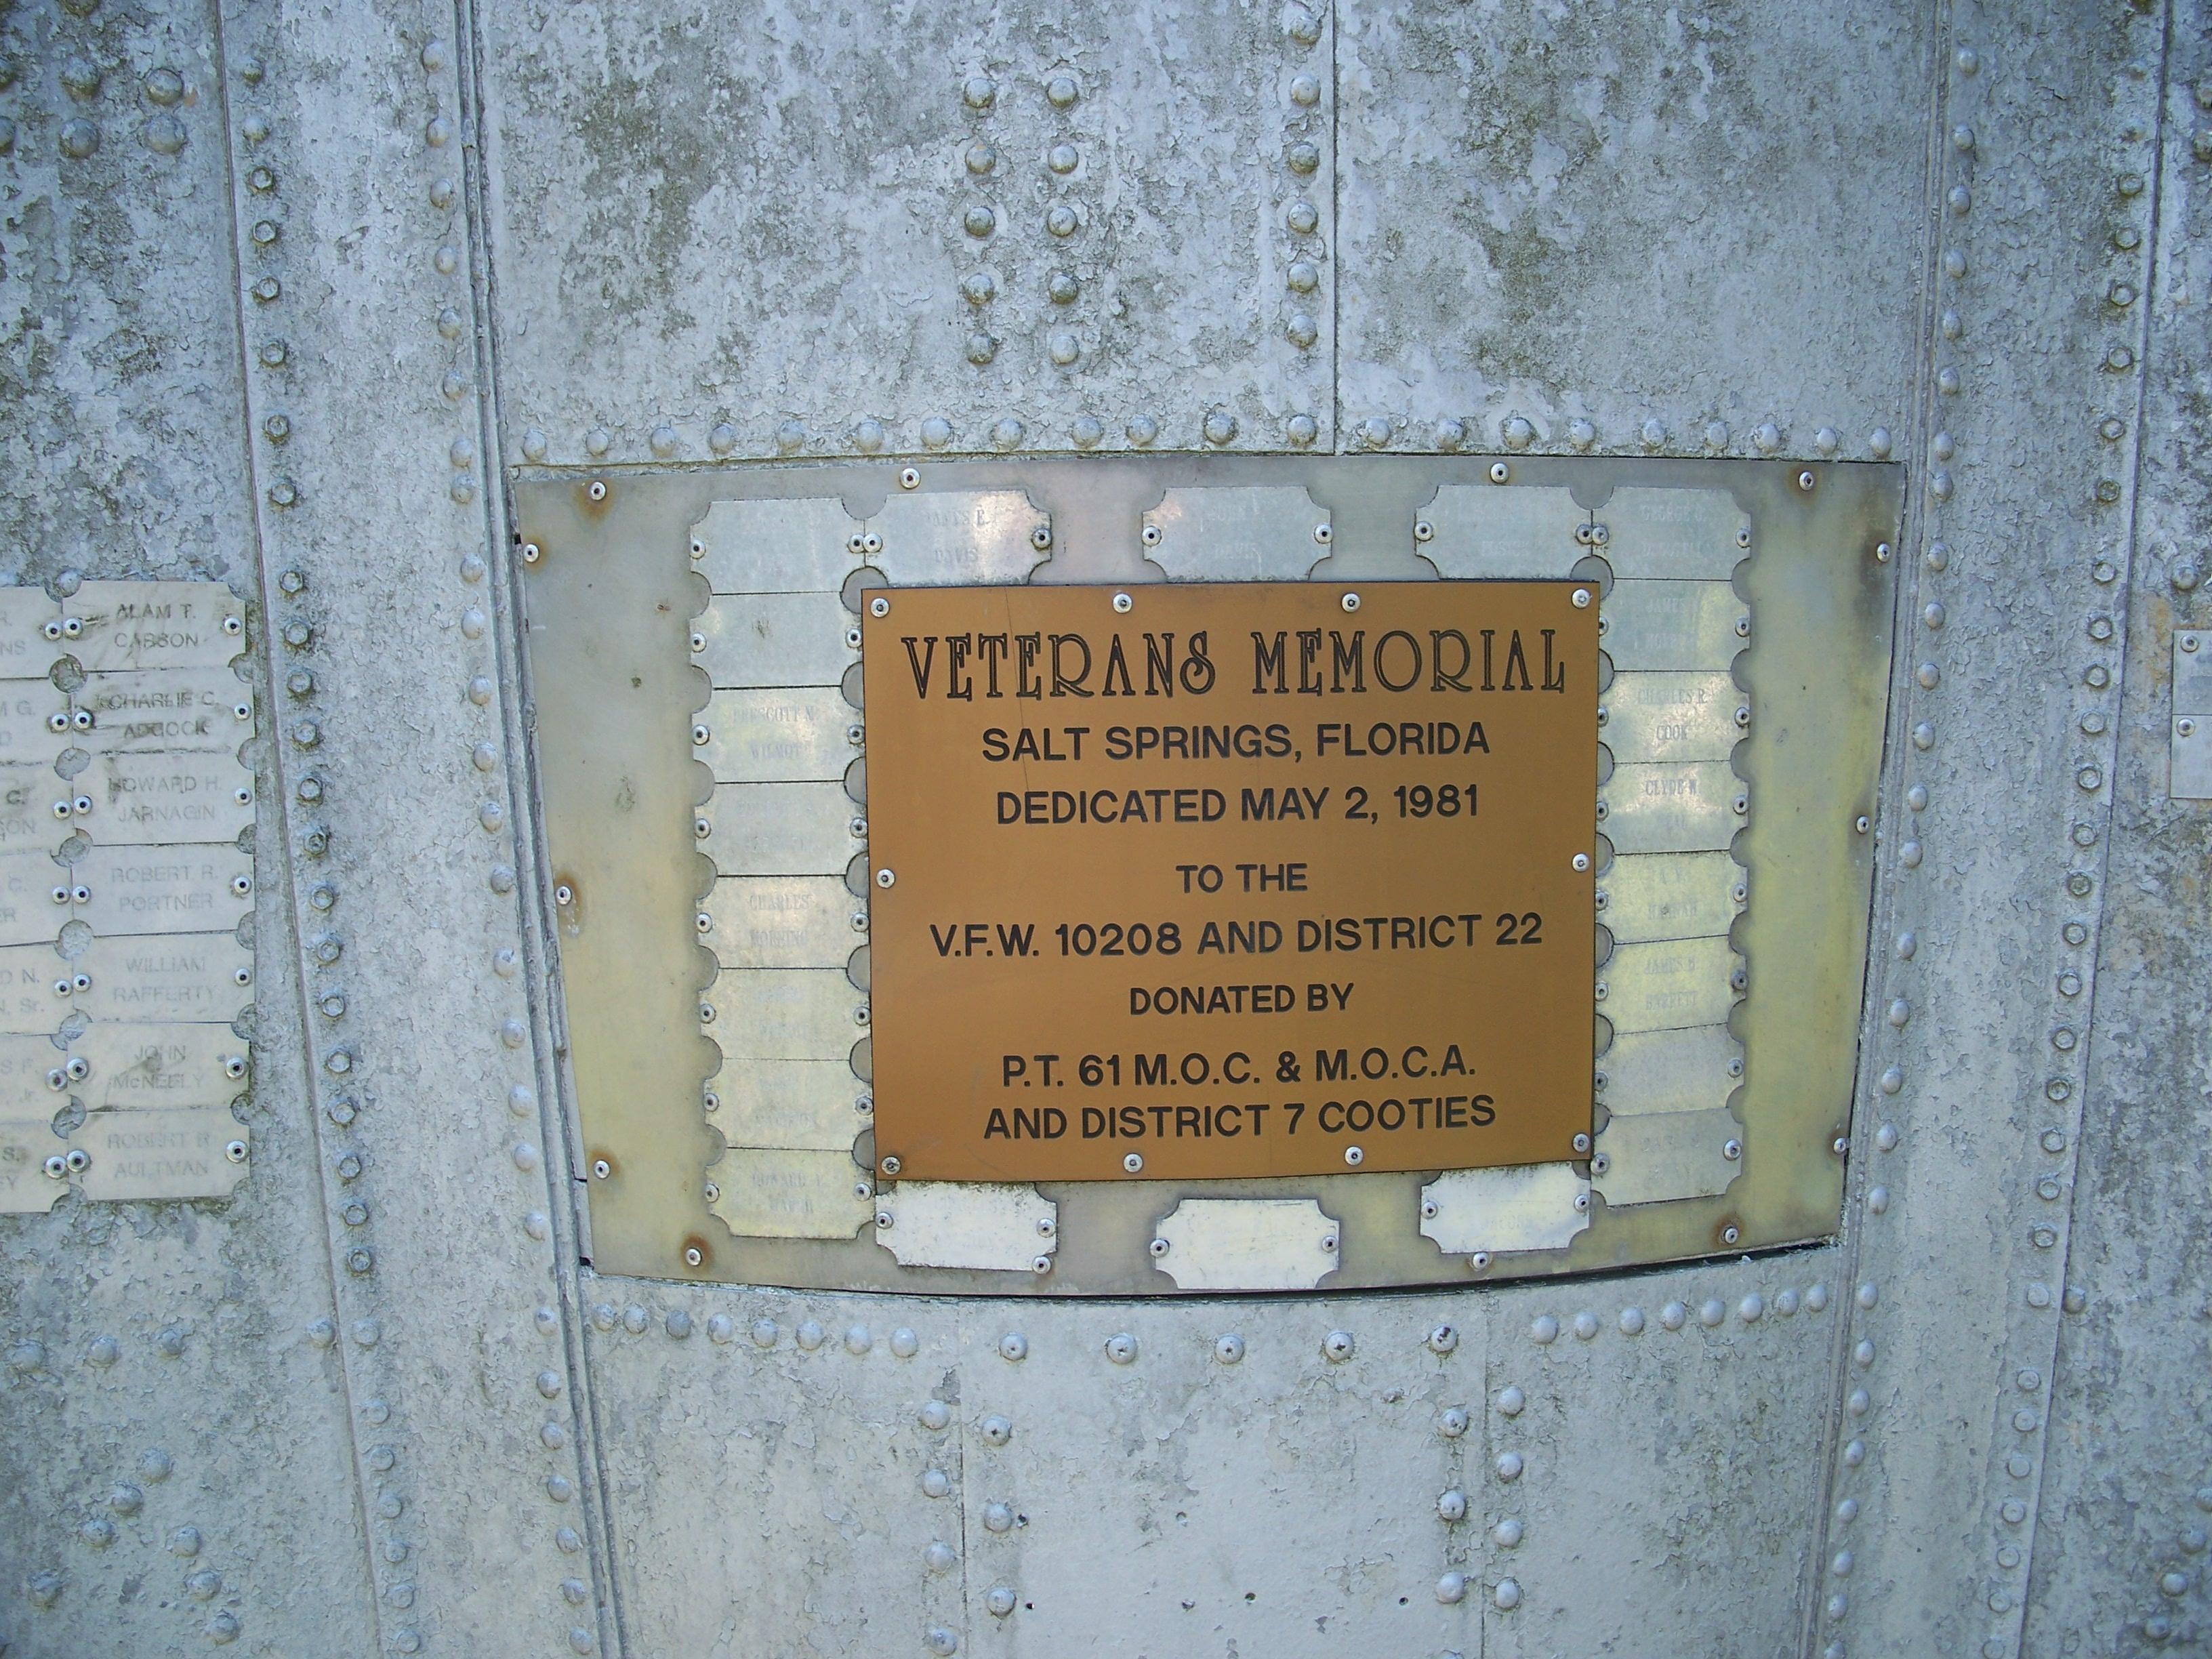 El juego de las imagenes-https://upload.wikimedia.org/wikipedia/commons/e/e7/VFW_10208_missile_plaque01.jpg